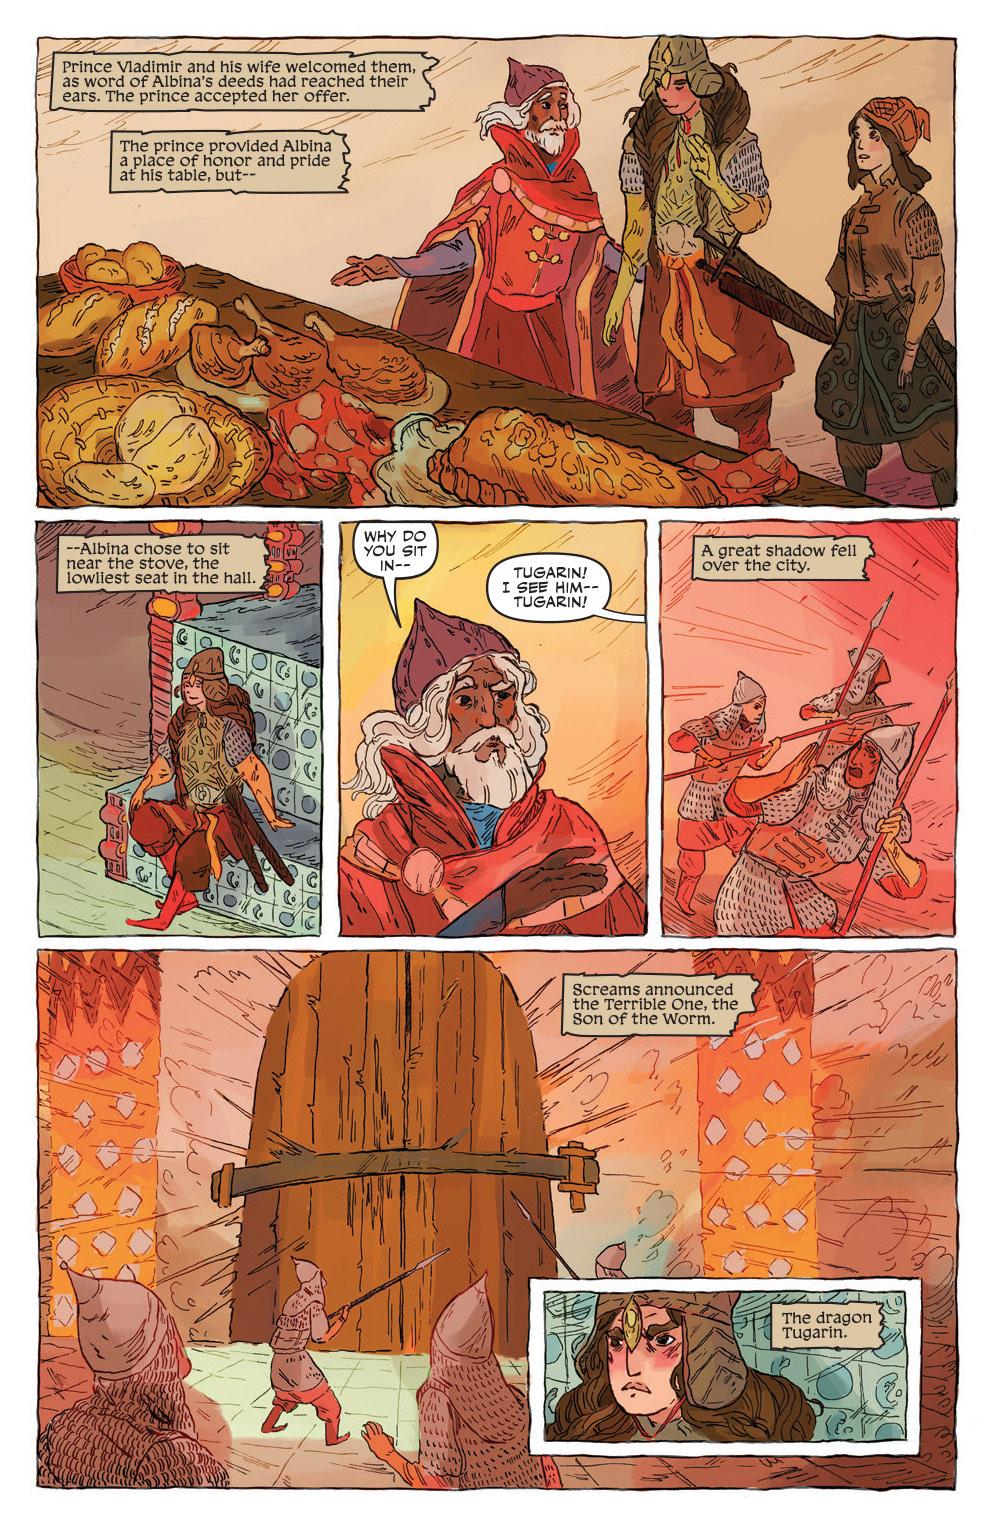 """Résultat de recherche d'images pour """"the storyteller dragons"""""""